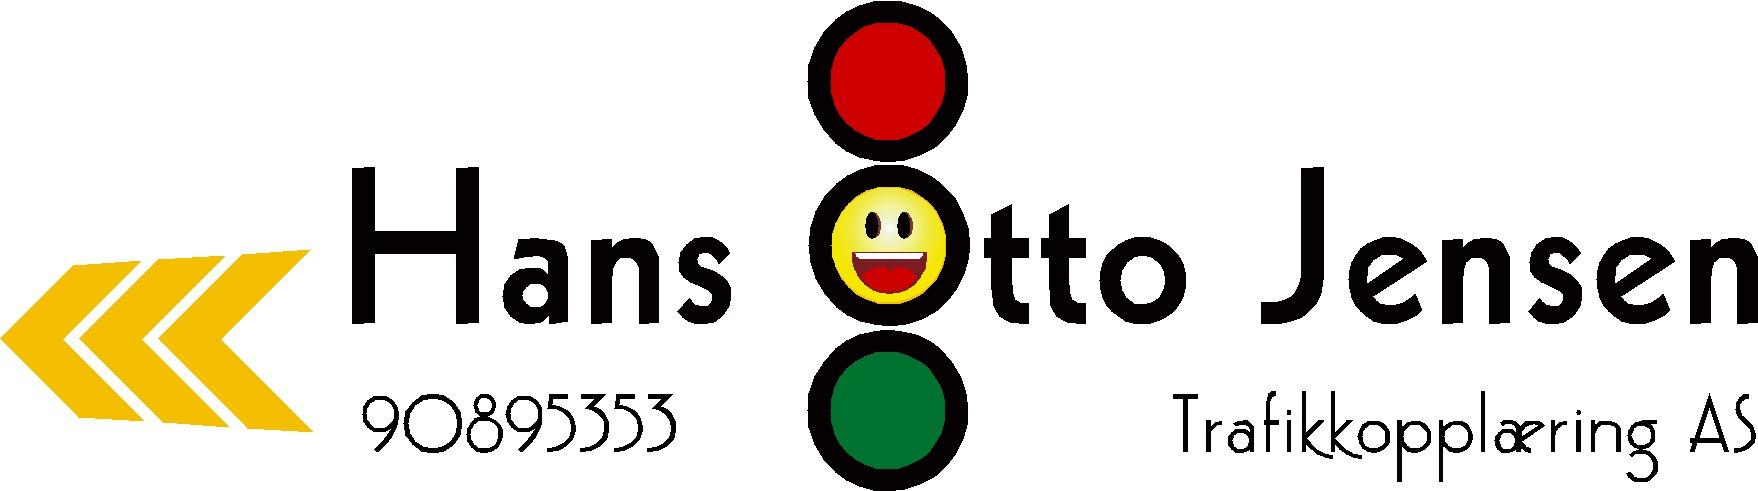 Hans Otto Jensen Trafikkopplæring